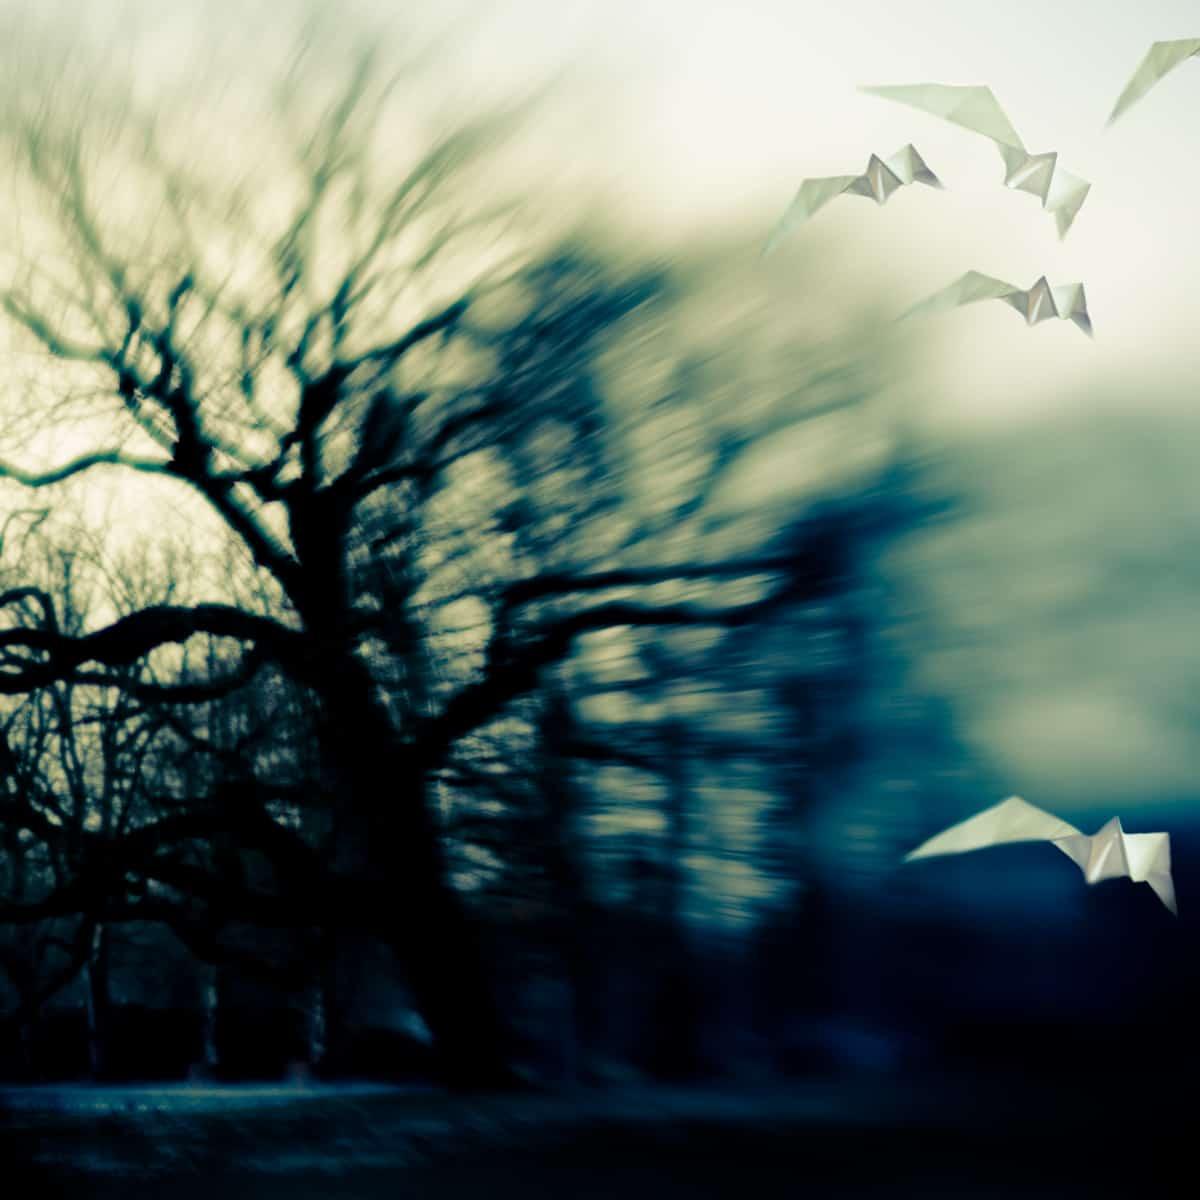 Are we Free II - Juliette Reniers